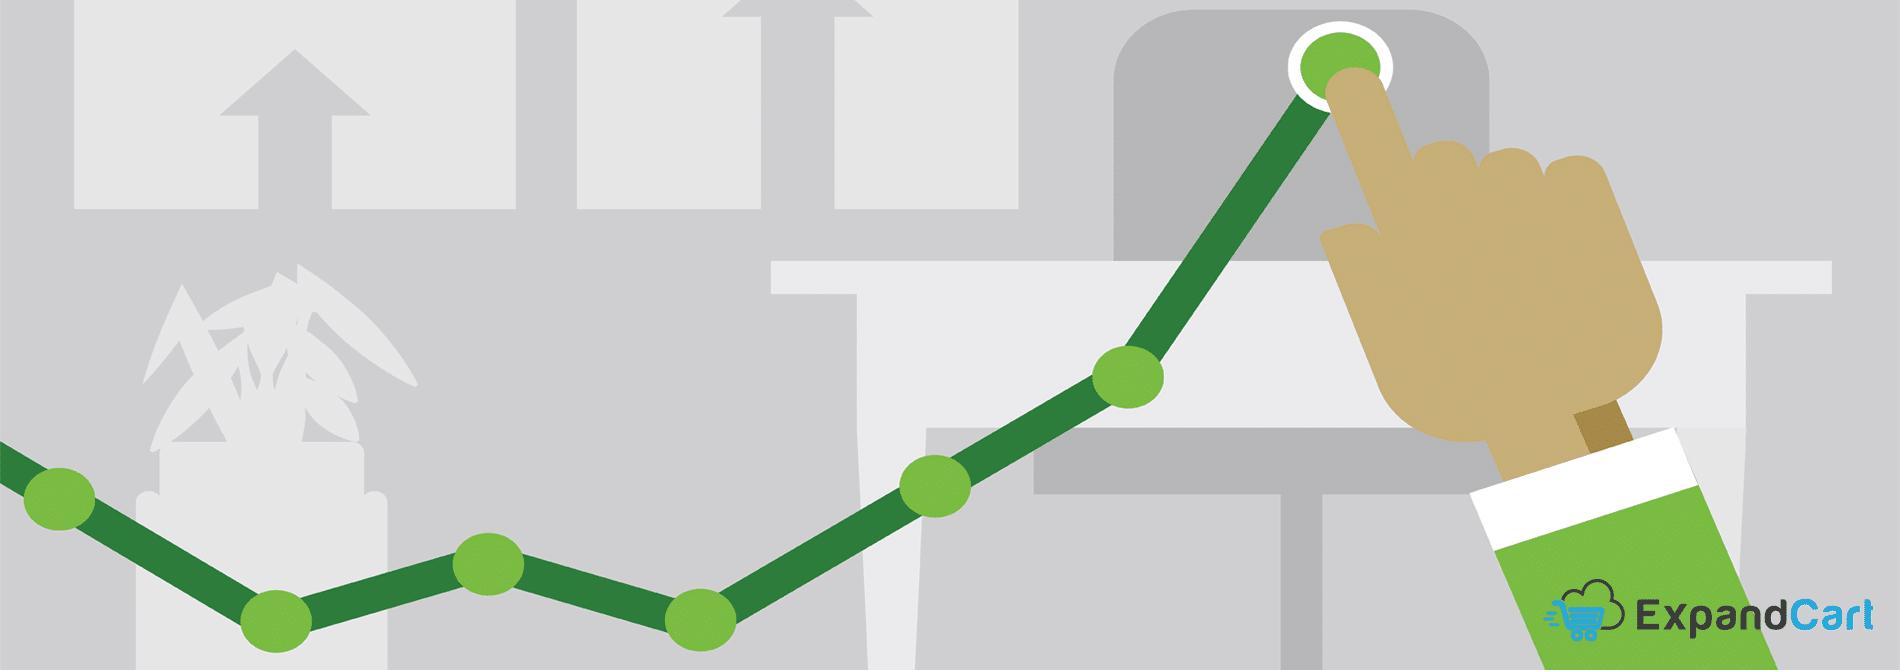 أفضل 5 تطبيقات تساعدك علي نمو تجارتك بشكل أسرع